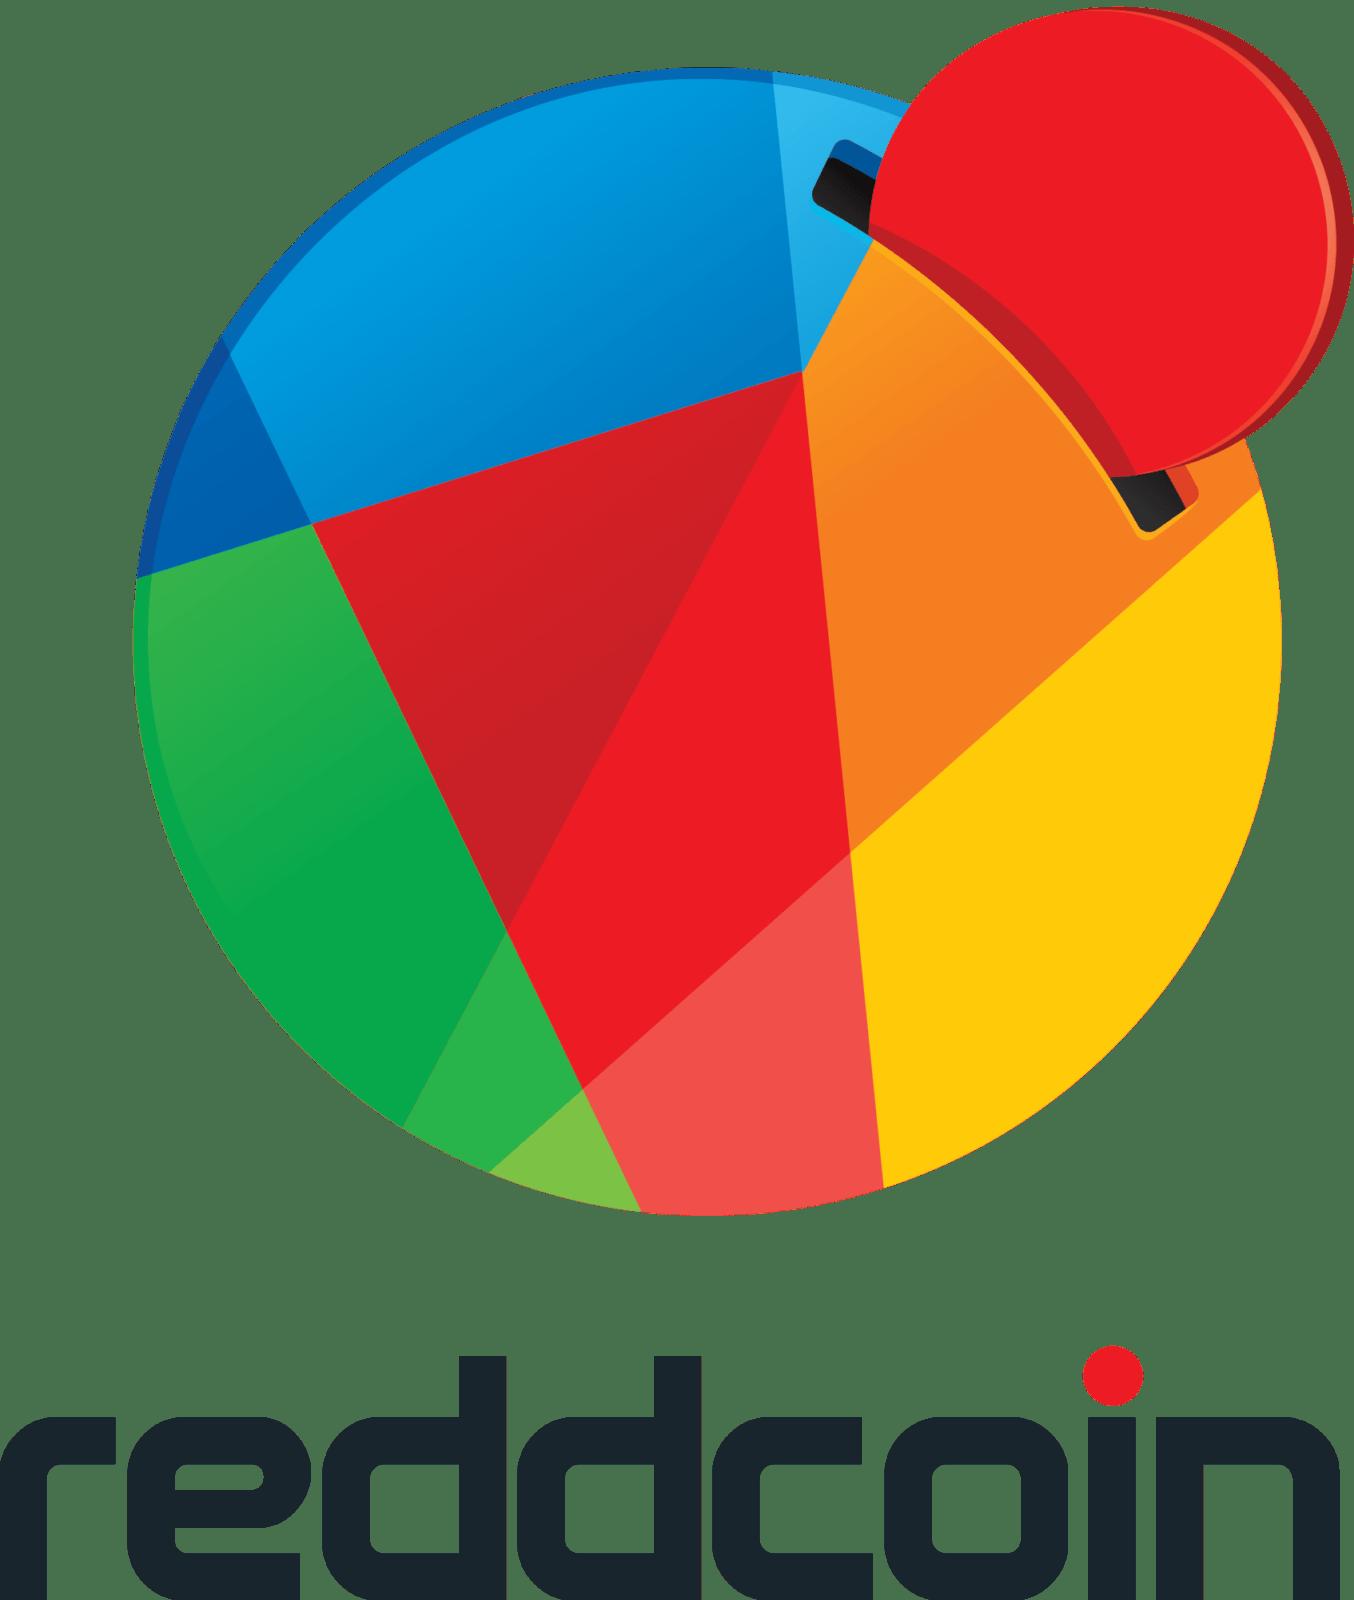 Мобильное приложение Reddcoin 2.0 выход 9 июля 2017 год.